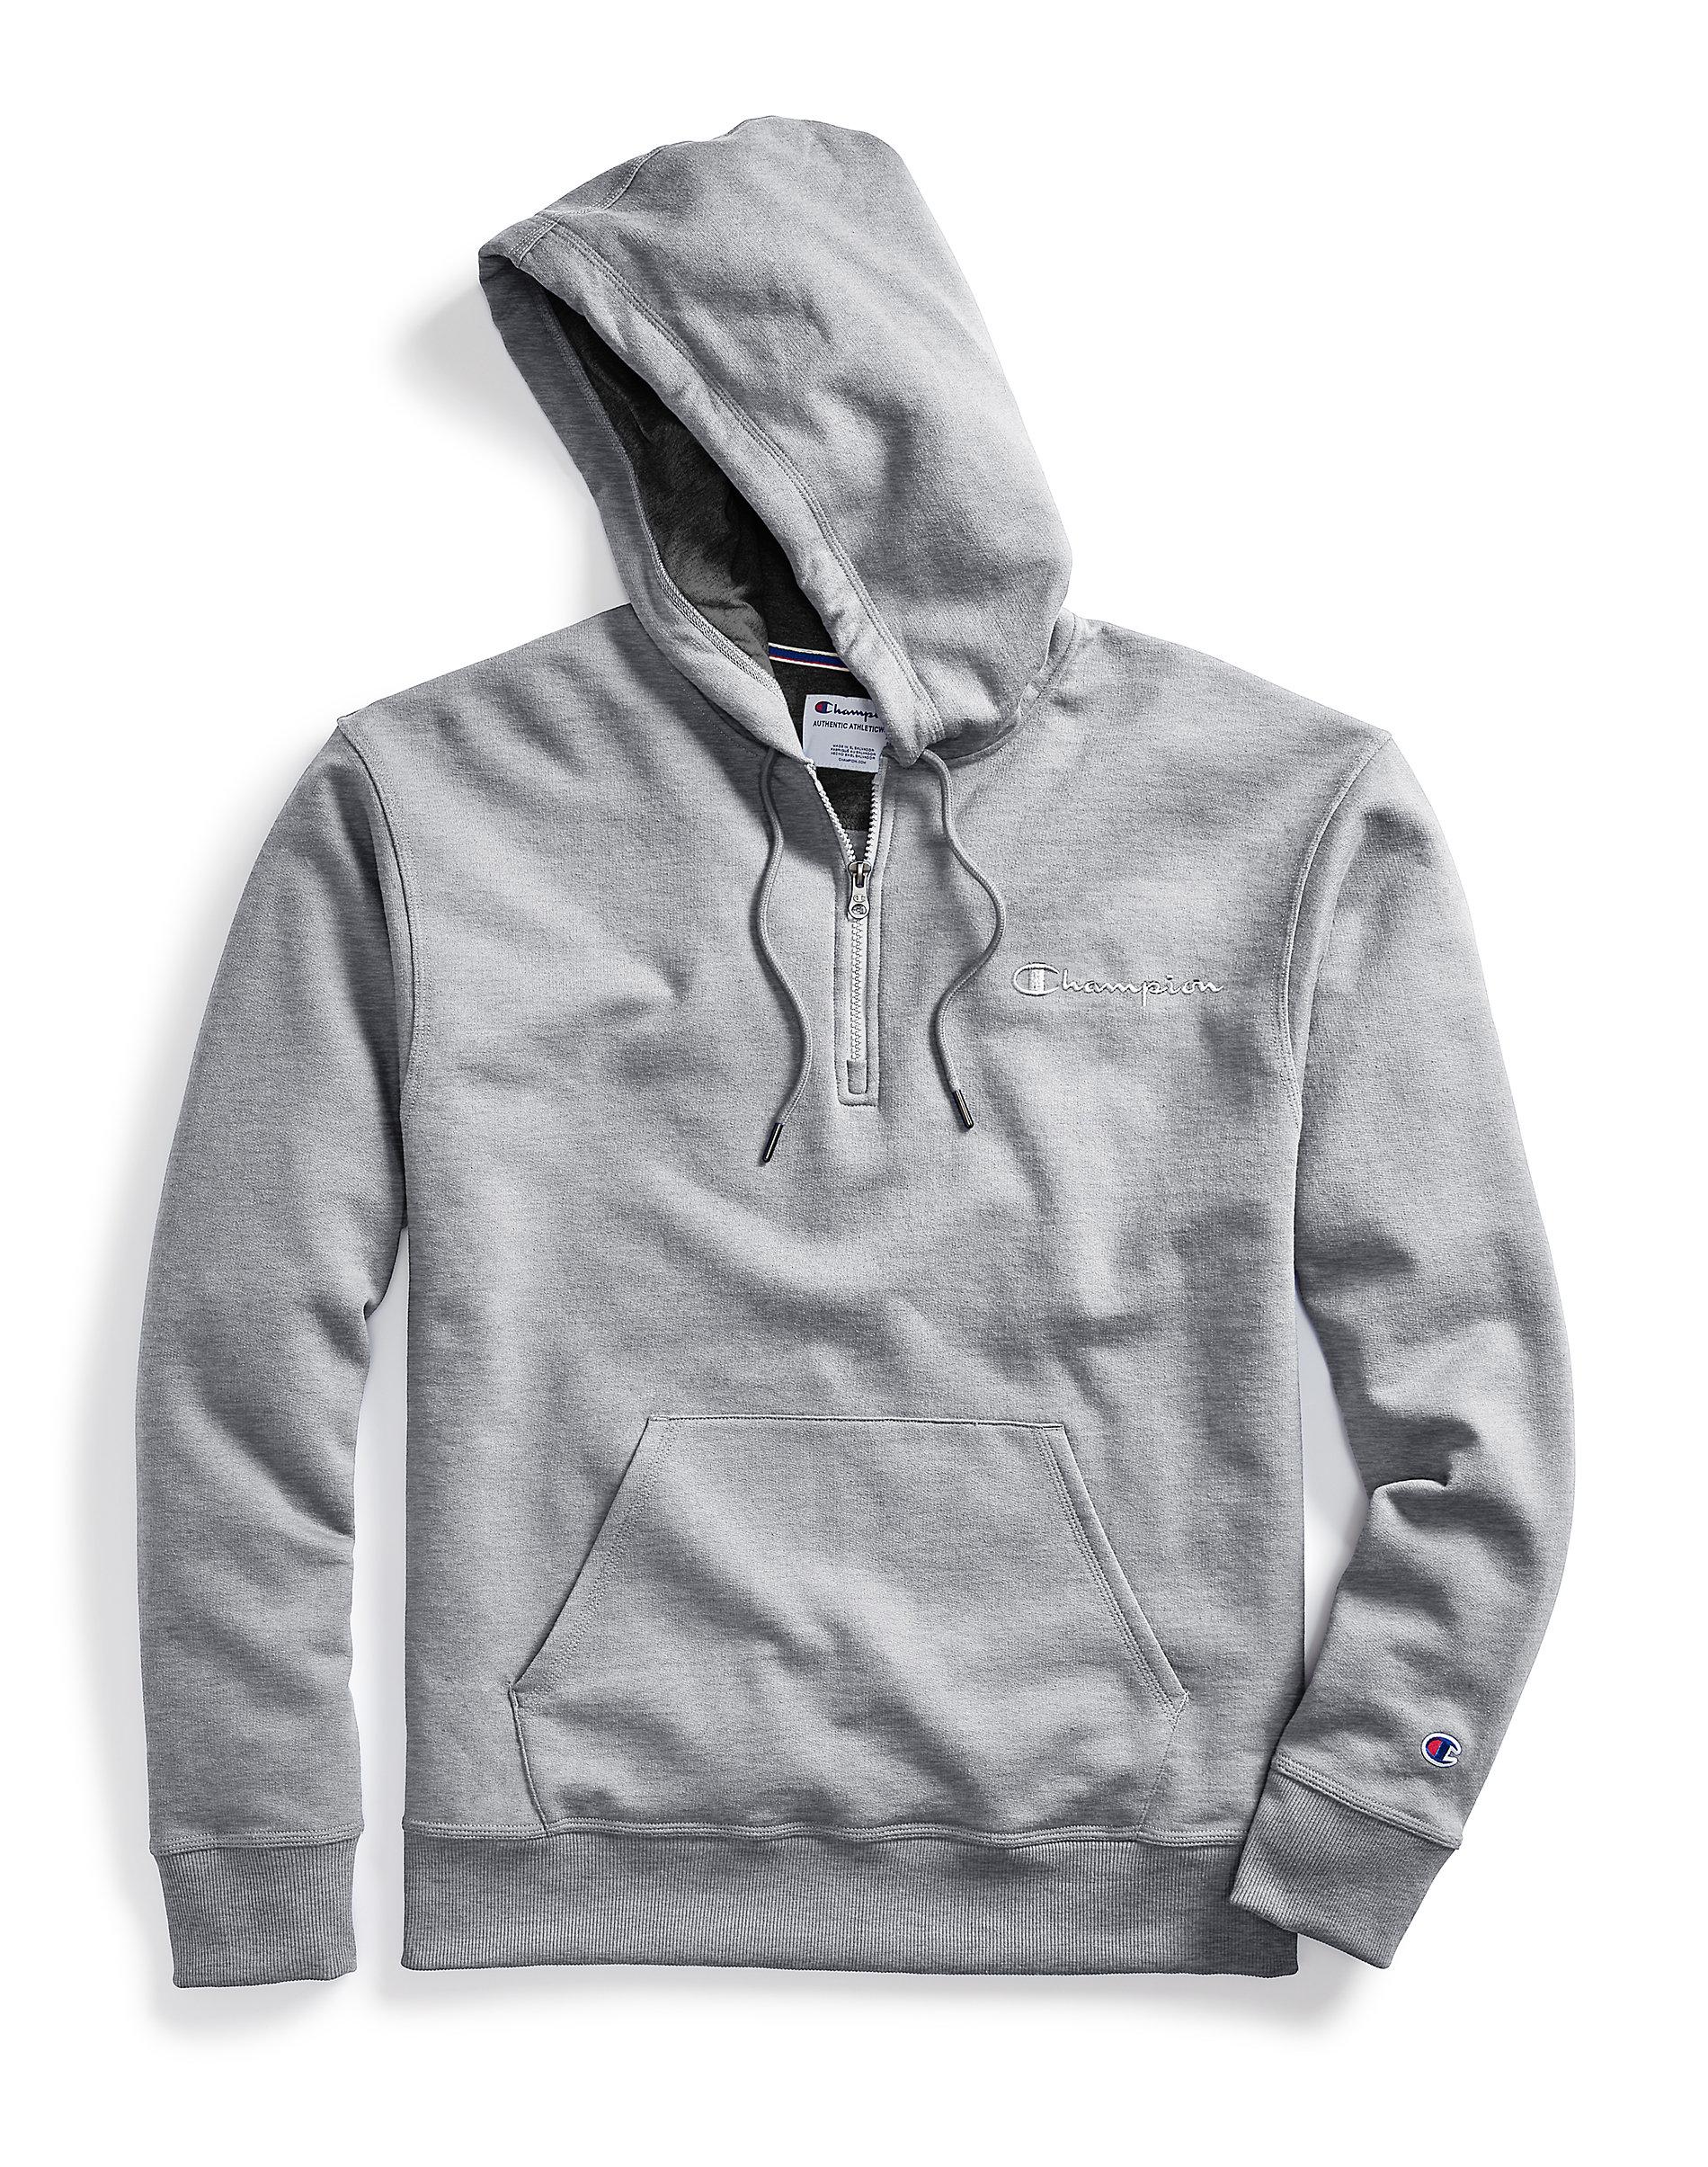 Details zu Hoodie Sweatshirt Champion Men's Powerblend Fleece Quarter Zip Embroidered Logo